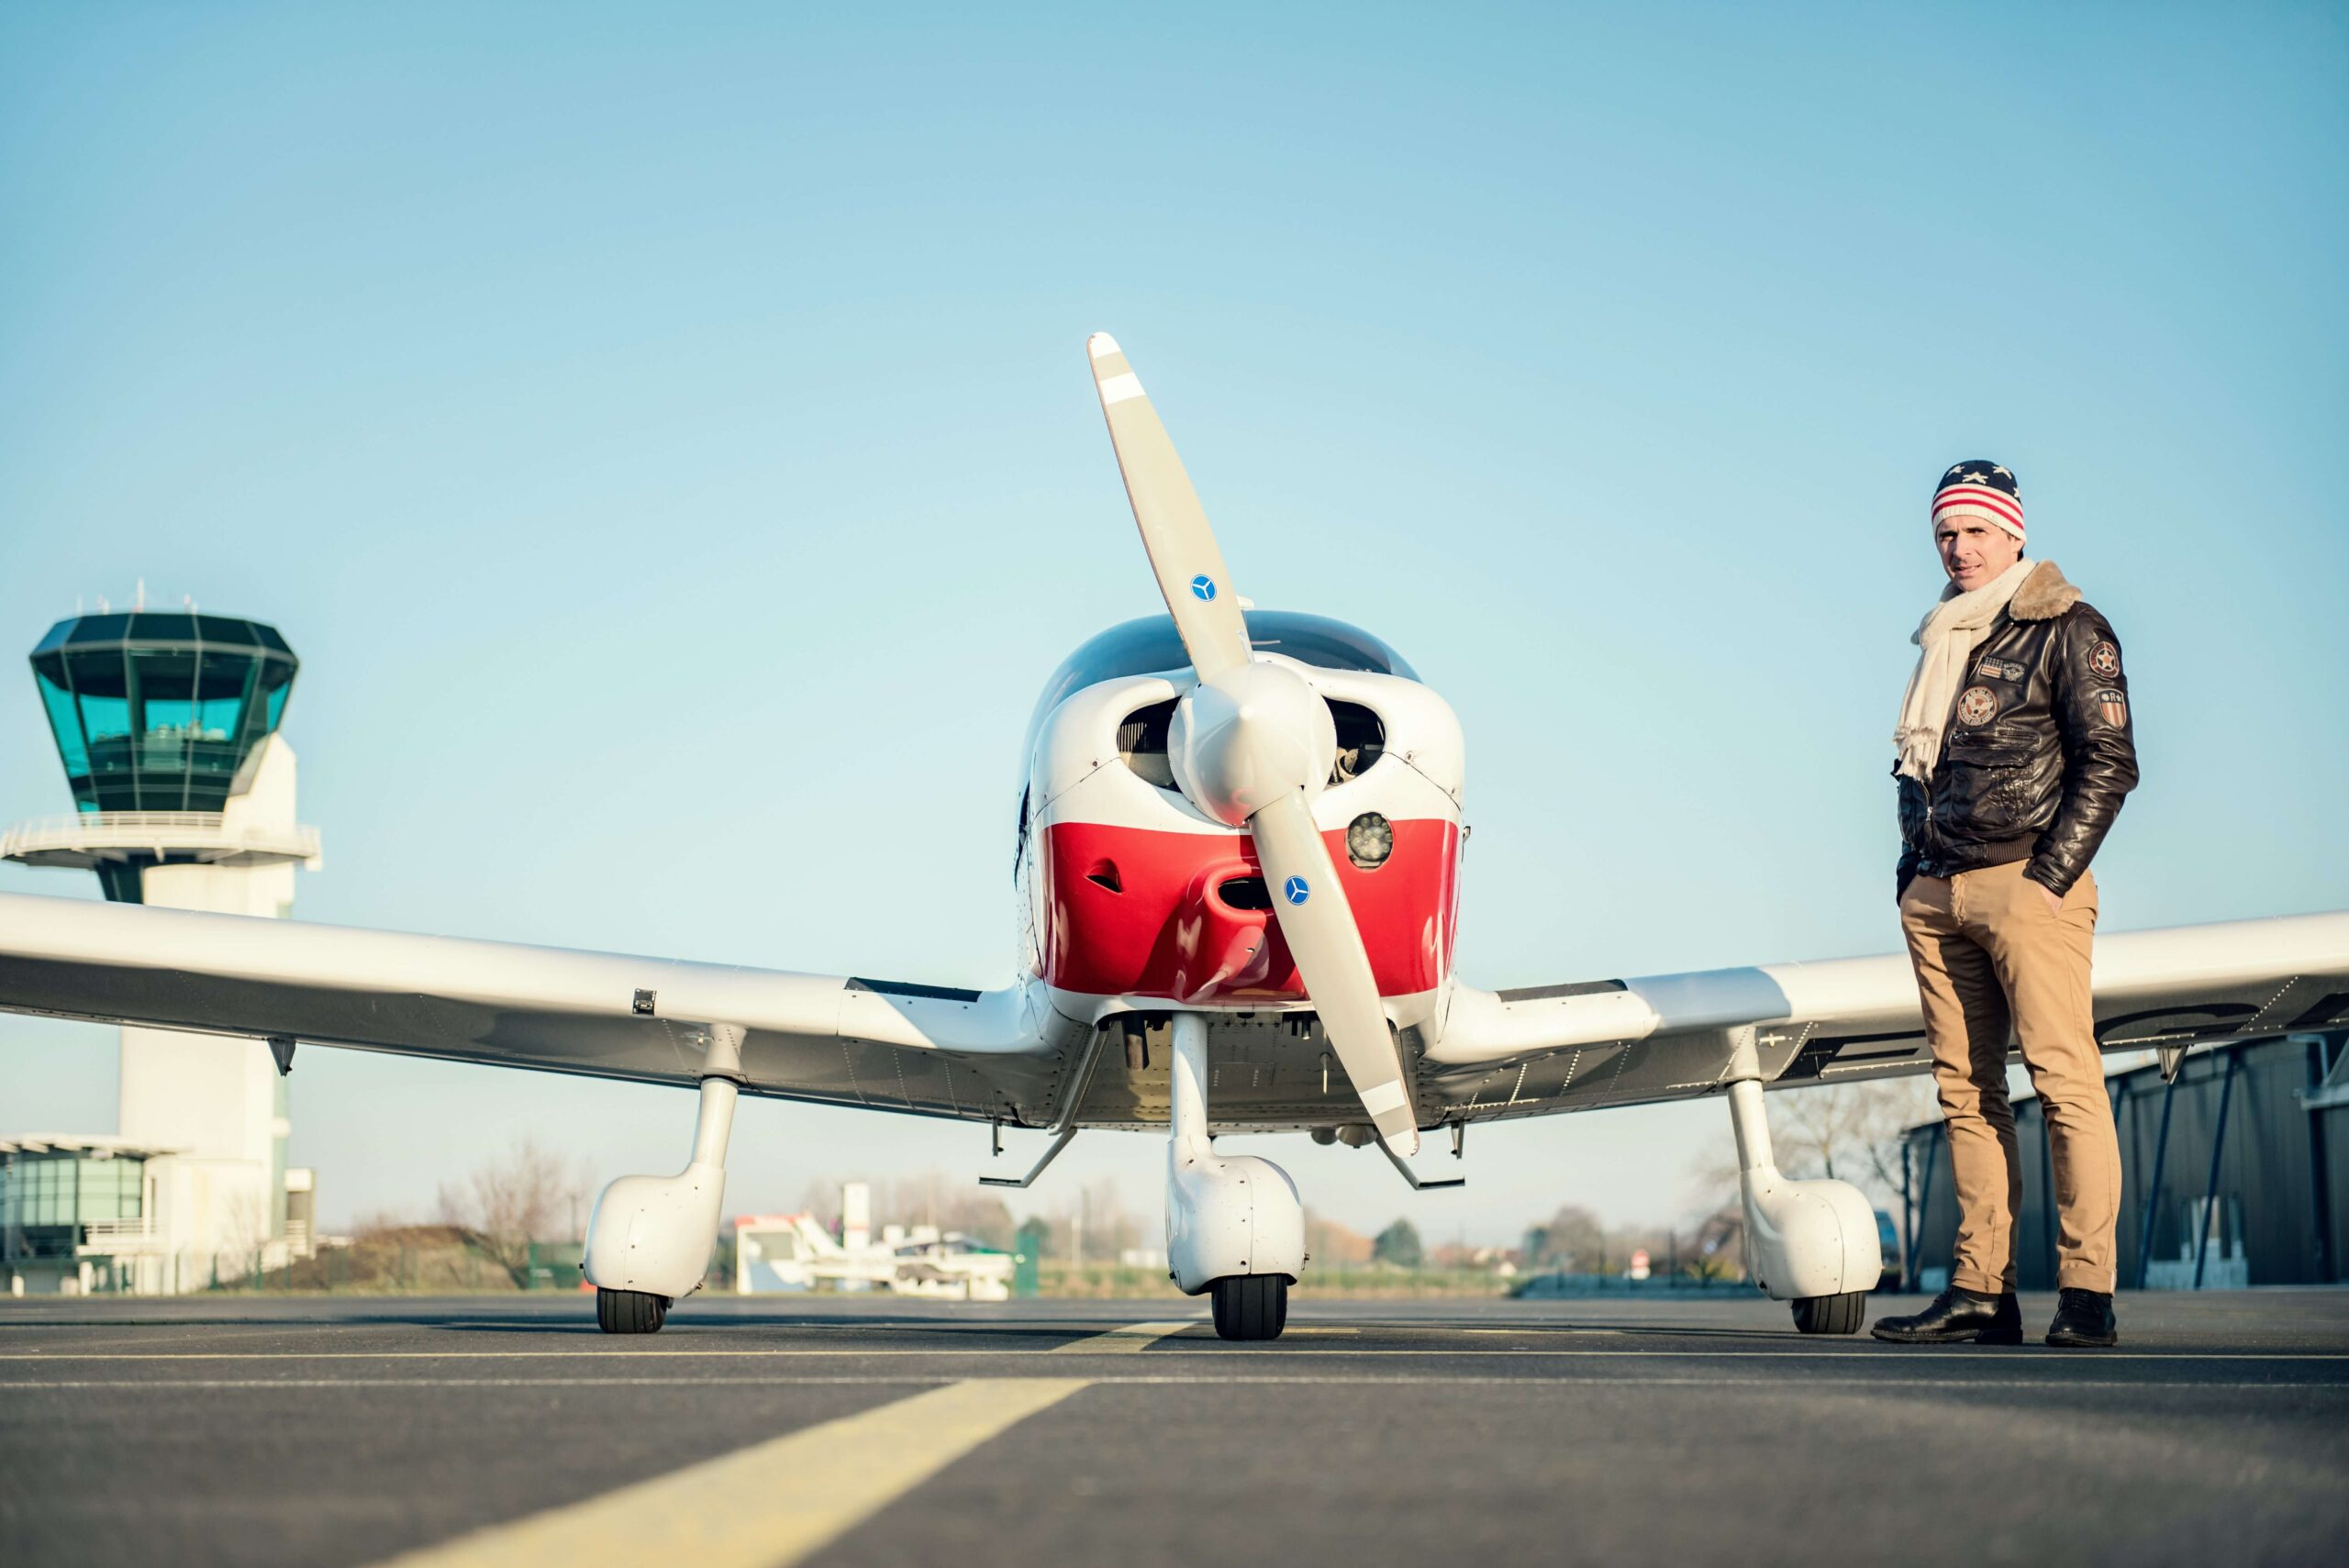 Pilotskole